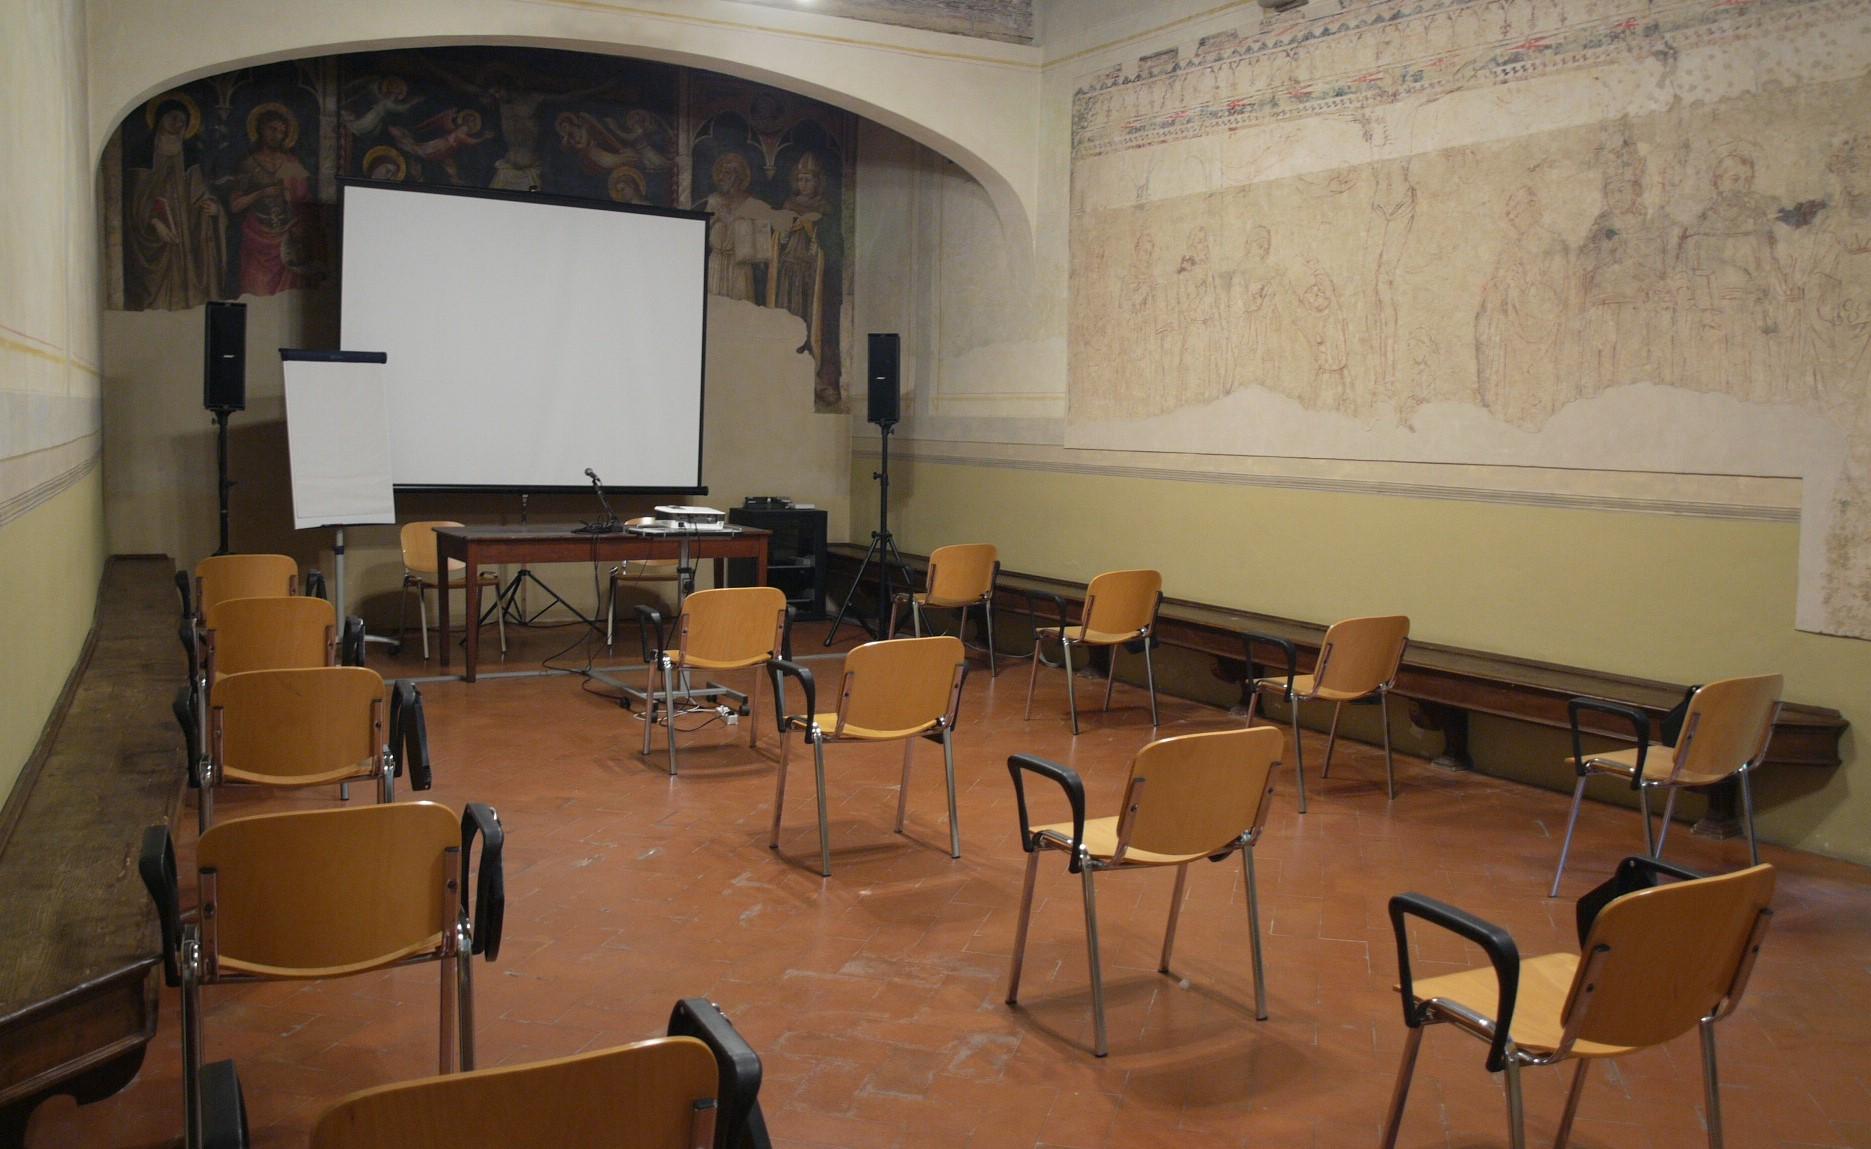 Sala Capitolo_dist covid (4).jpg